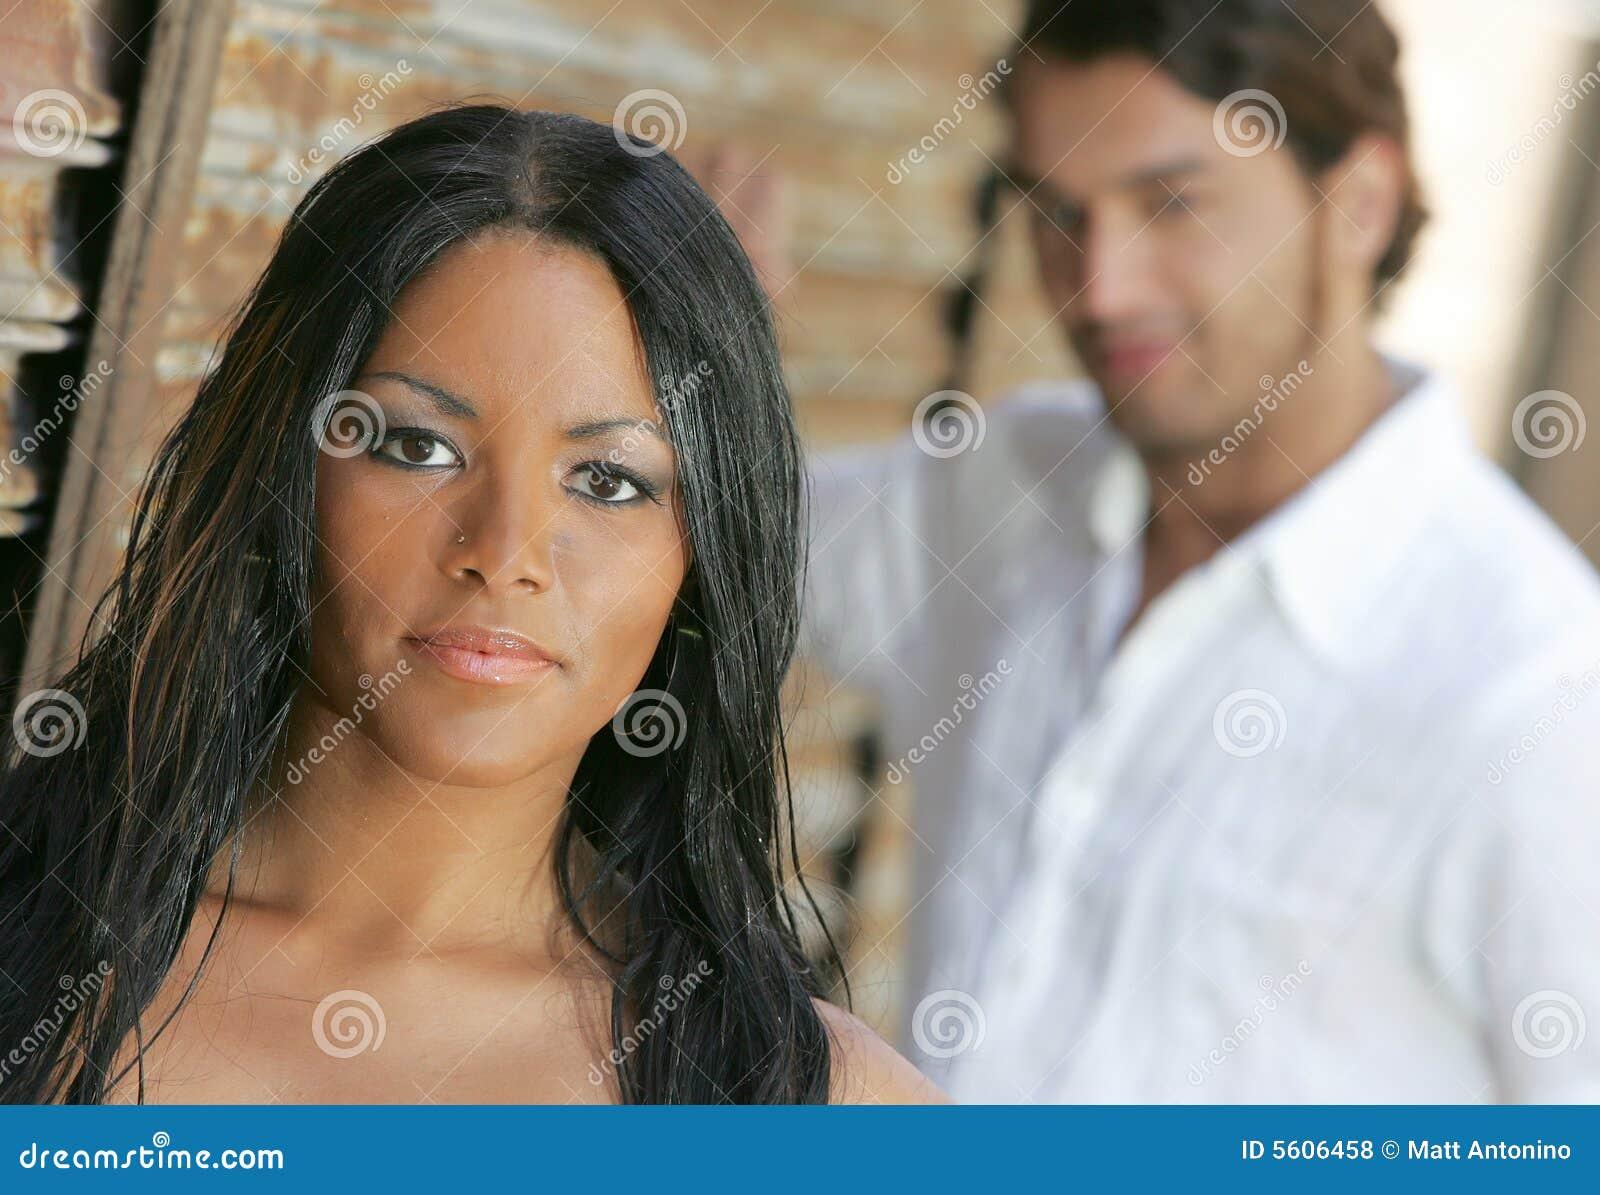 Skyy black Interracial men together was